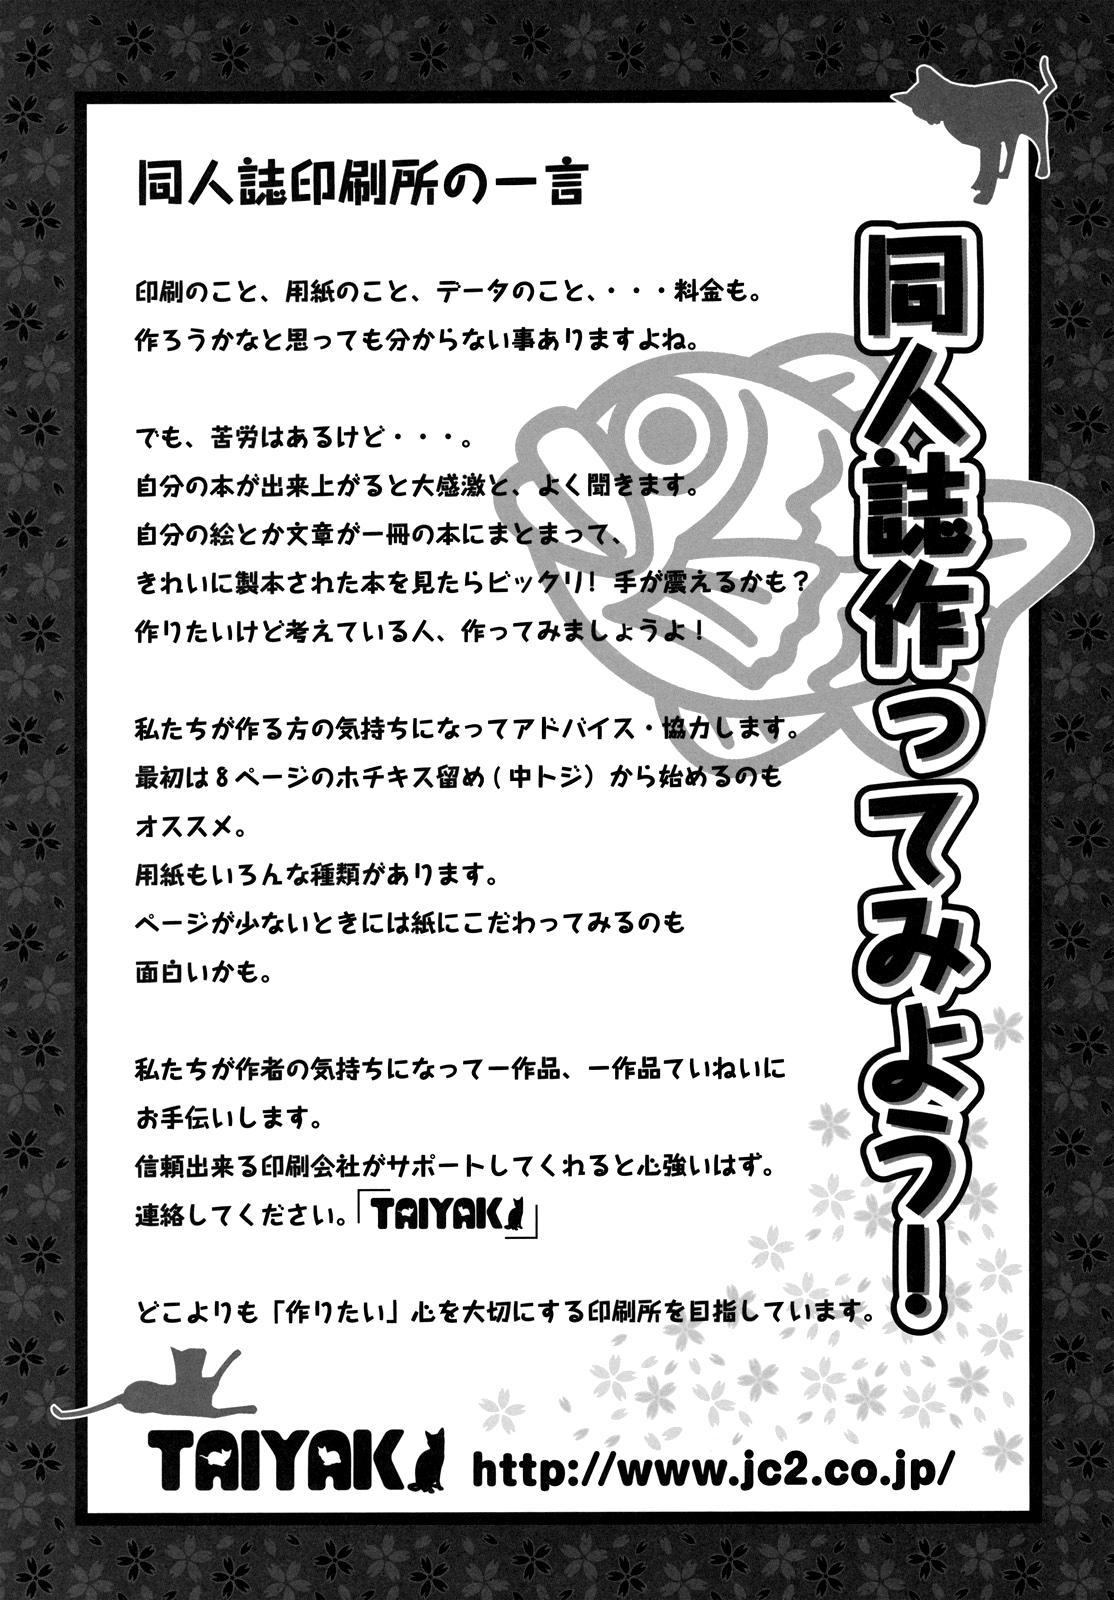 (C79) [Kisidou (Kishi Kaisei)] y2[20:47-23:19] Madamada Atashi… Okasaremasu. [English] =Little White Butterflies= 24